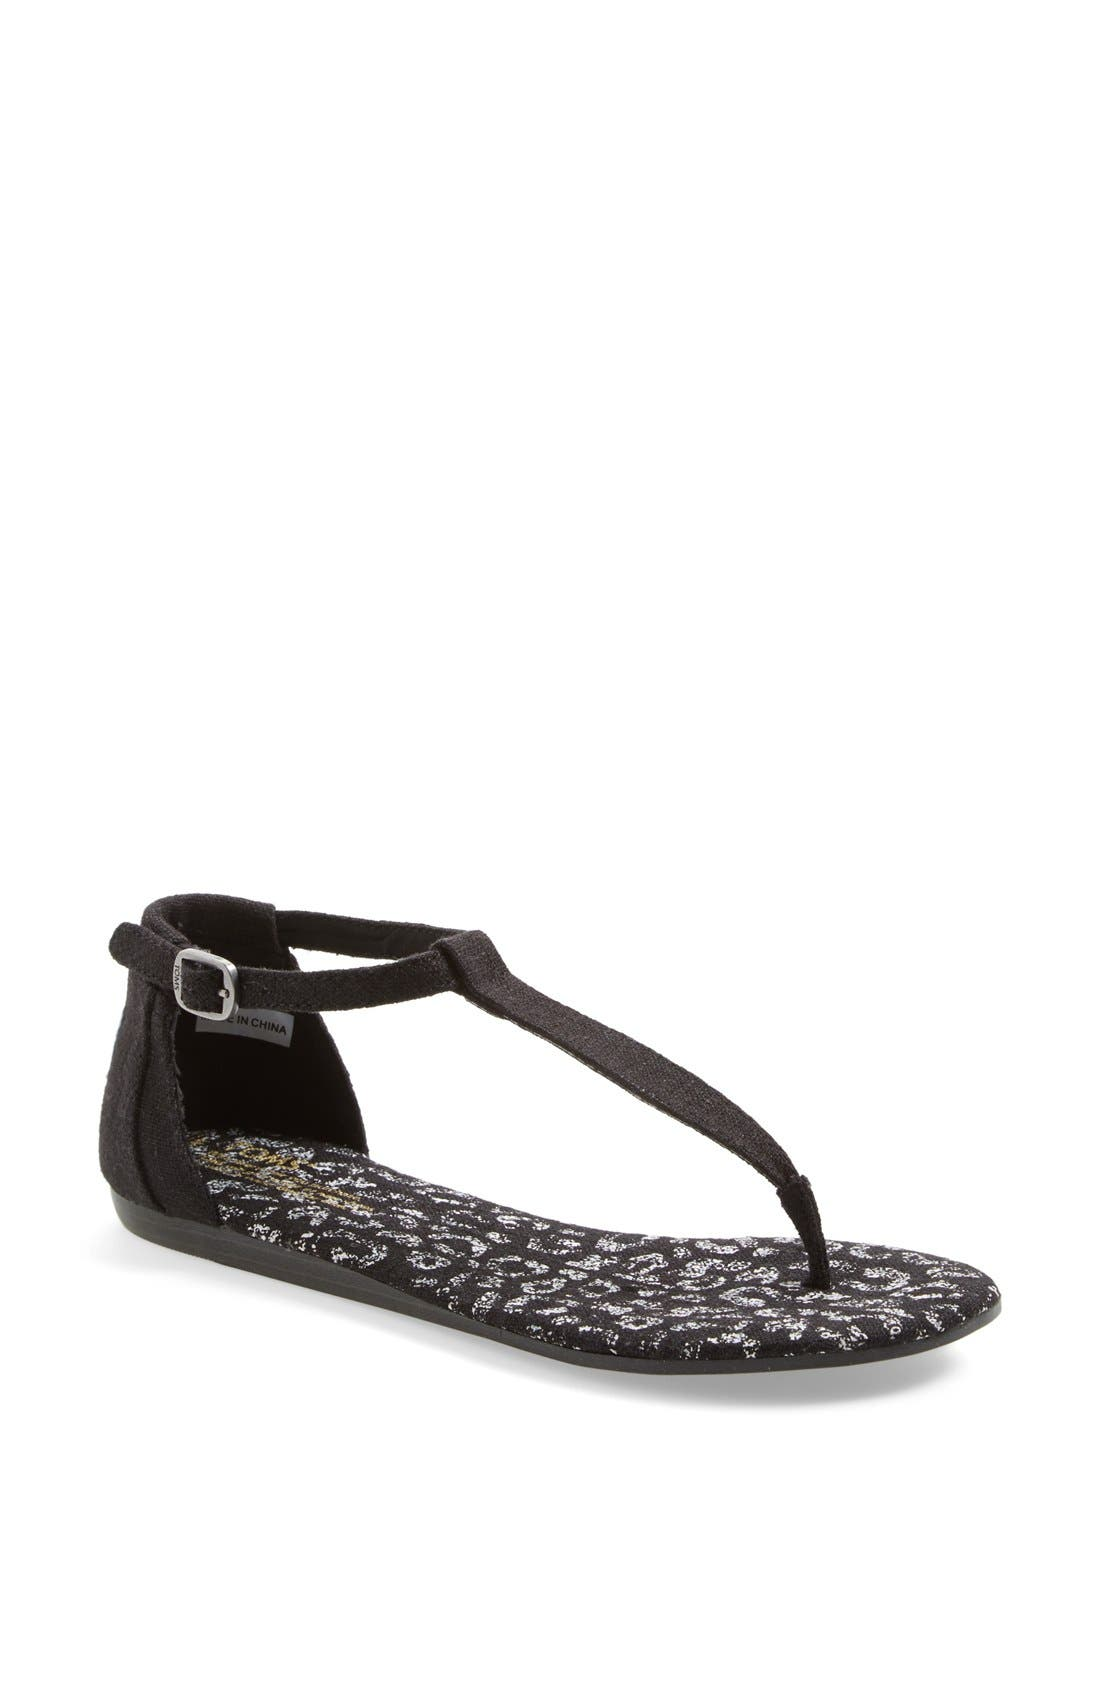 Alternate Image 1 Selected - TOMS 'Playa' Thong Sandal (Women)